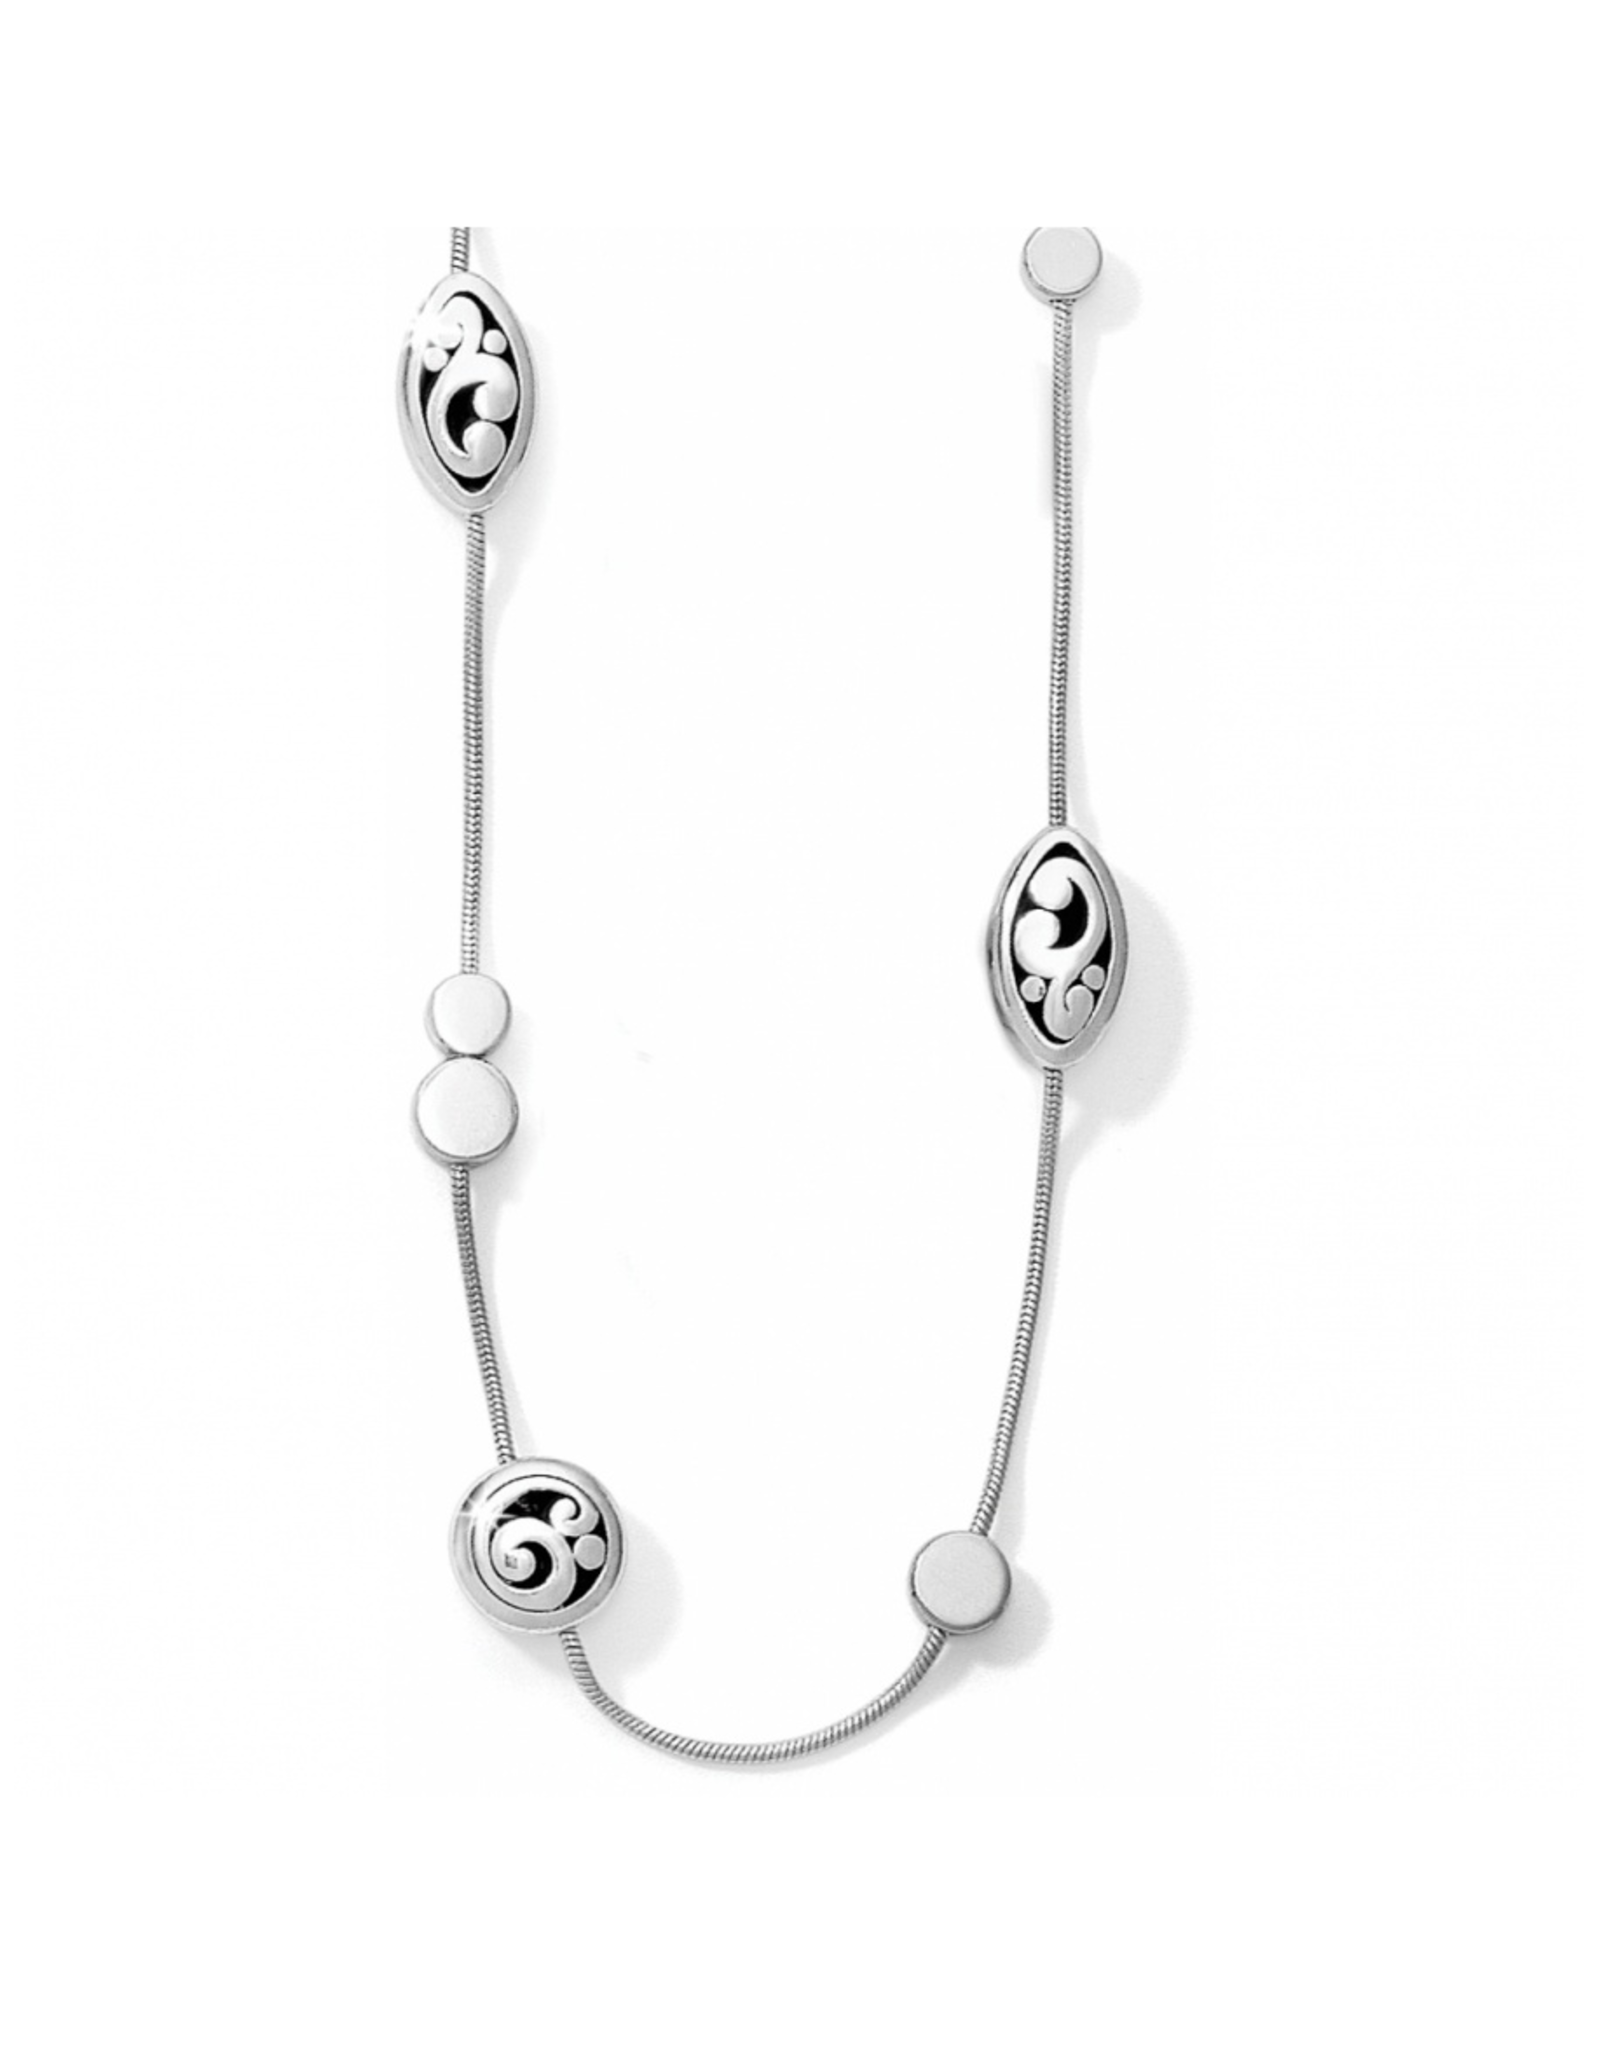 Brighton Contempo Long Necklace - Silver